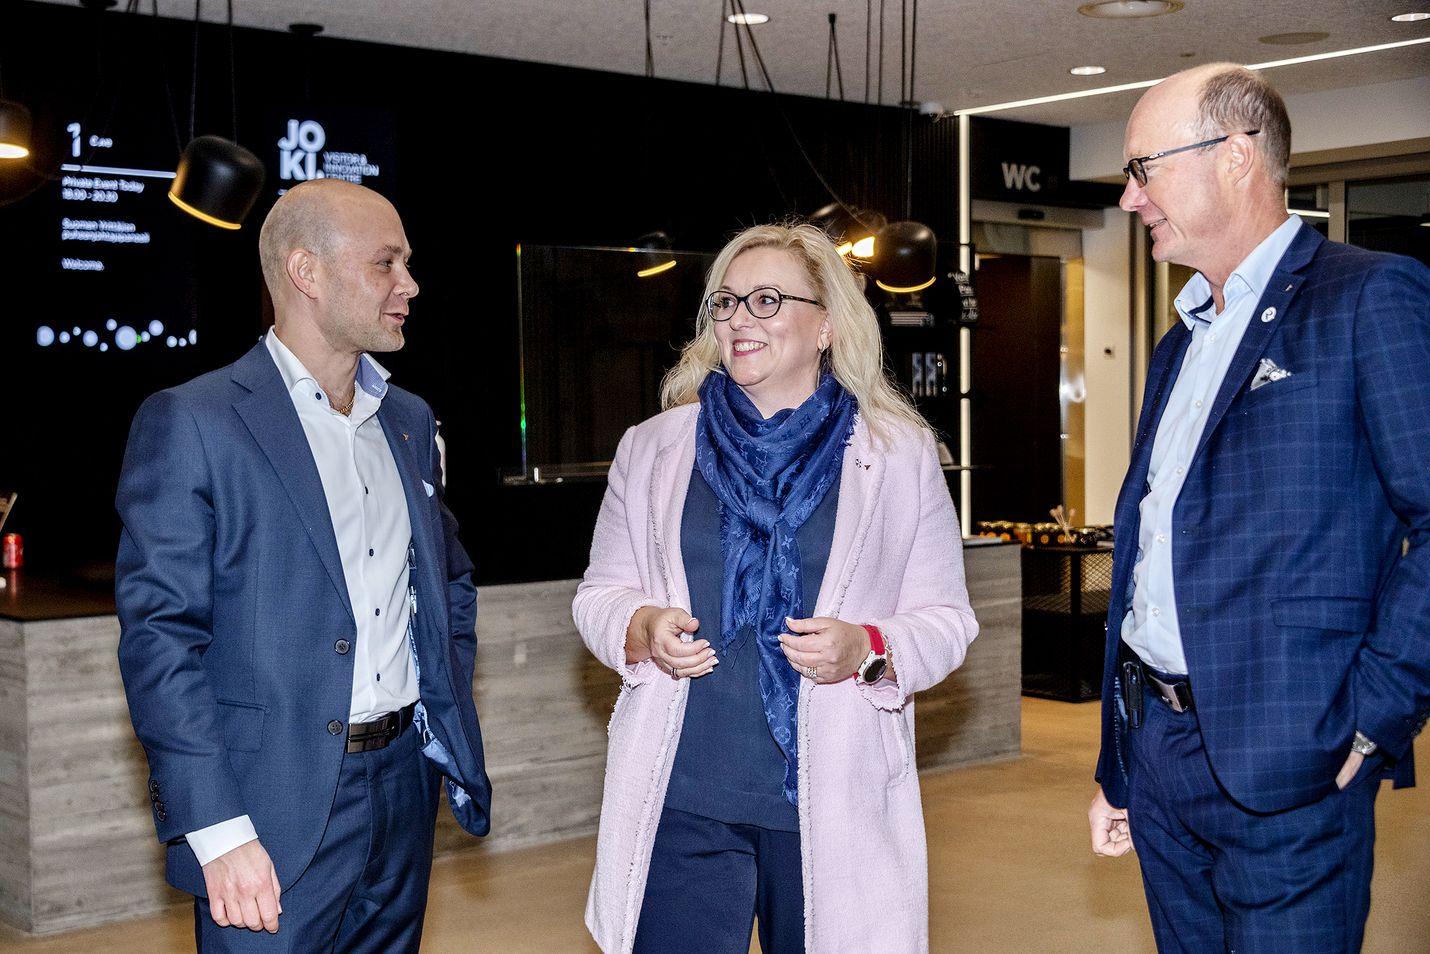 Suomen Yrittäjien puheenjohtajan paikkaa tavoittelevat Petri Salminen Keski-Suomesta (vas.), Nina Rasola Etelä-Savosta ja Antti Rantalainen Uudeltamaalta.